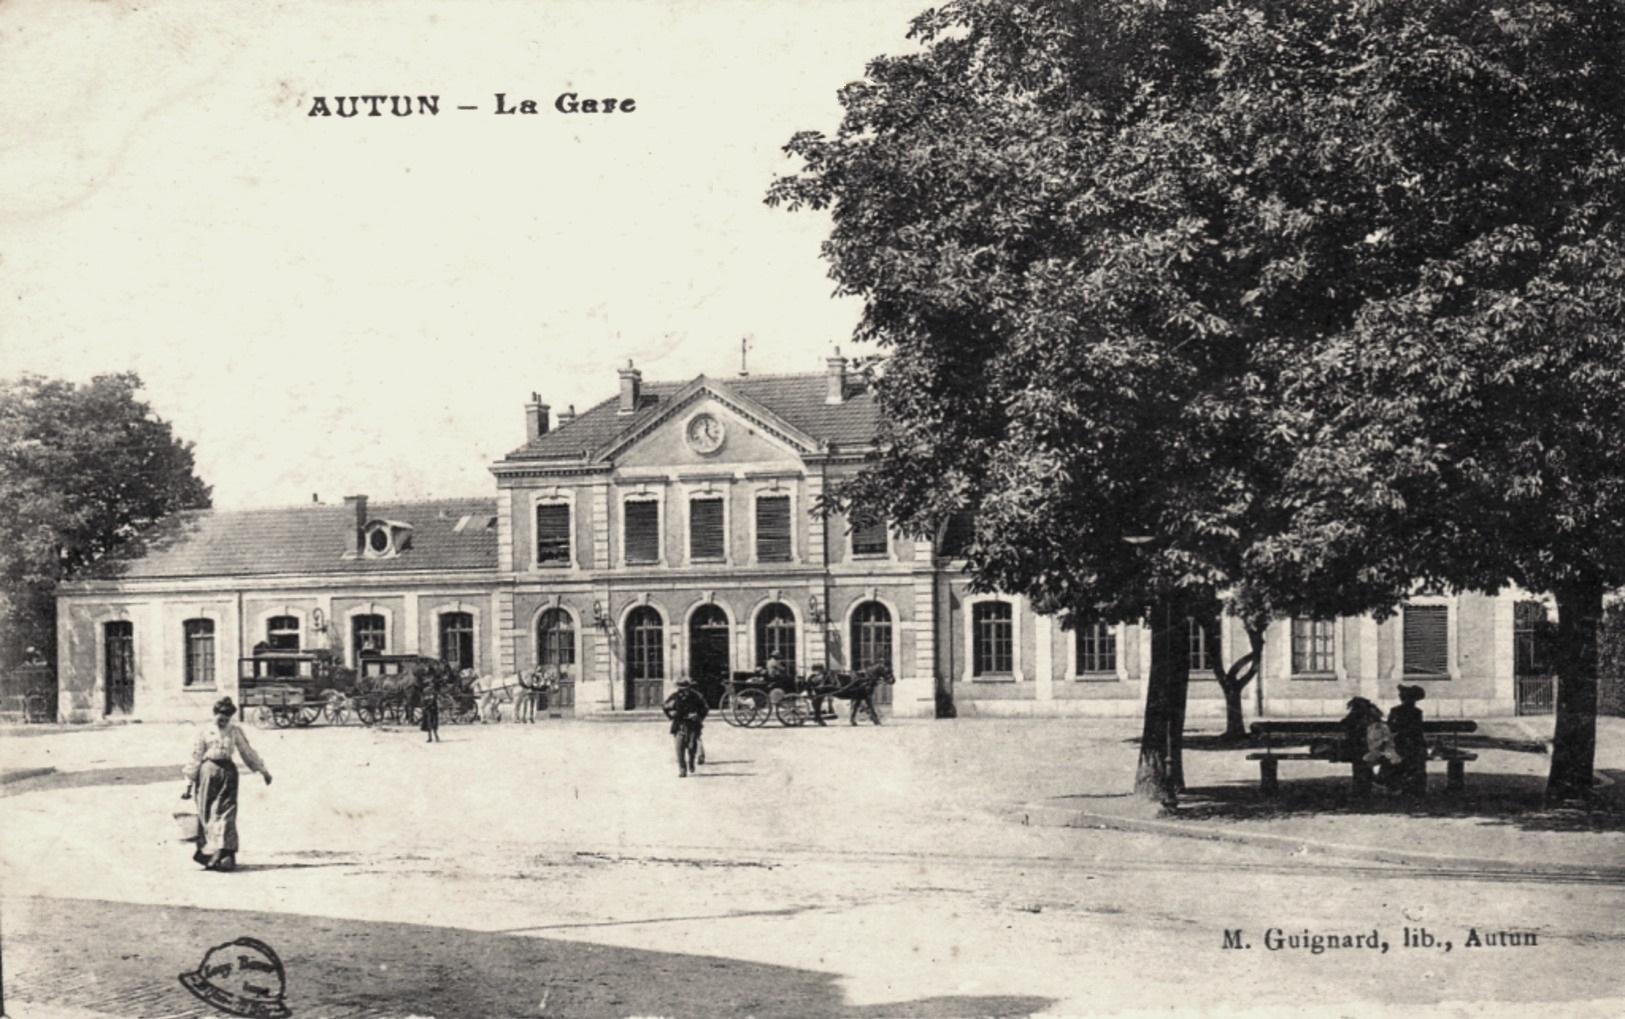 Autun (Saône-et-Loire) La Gare CPA